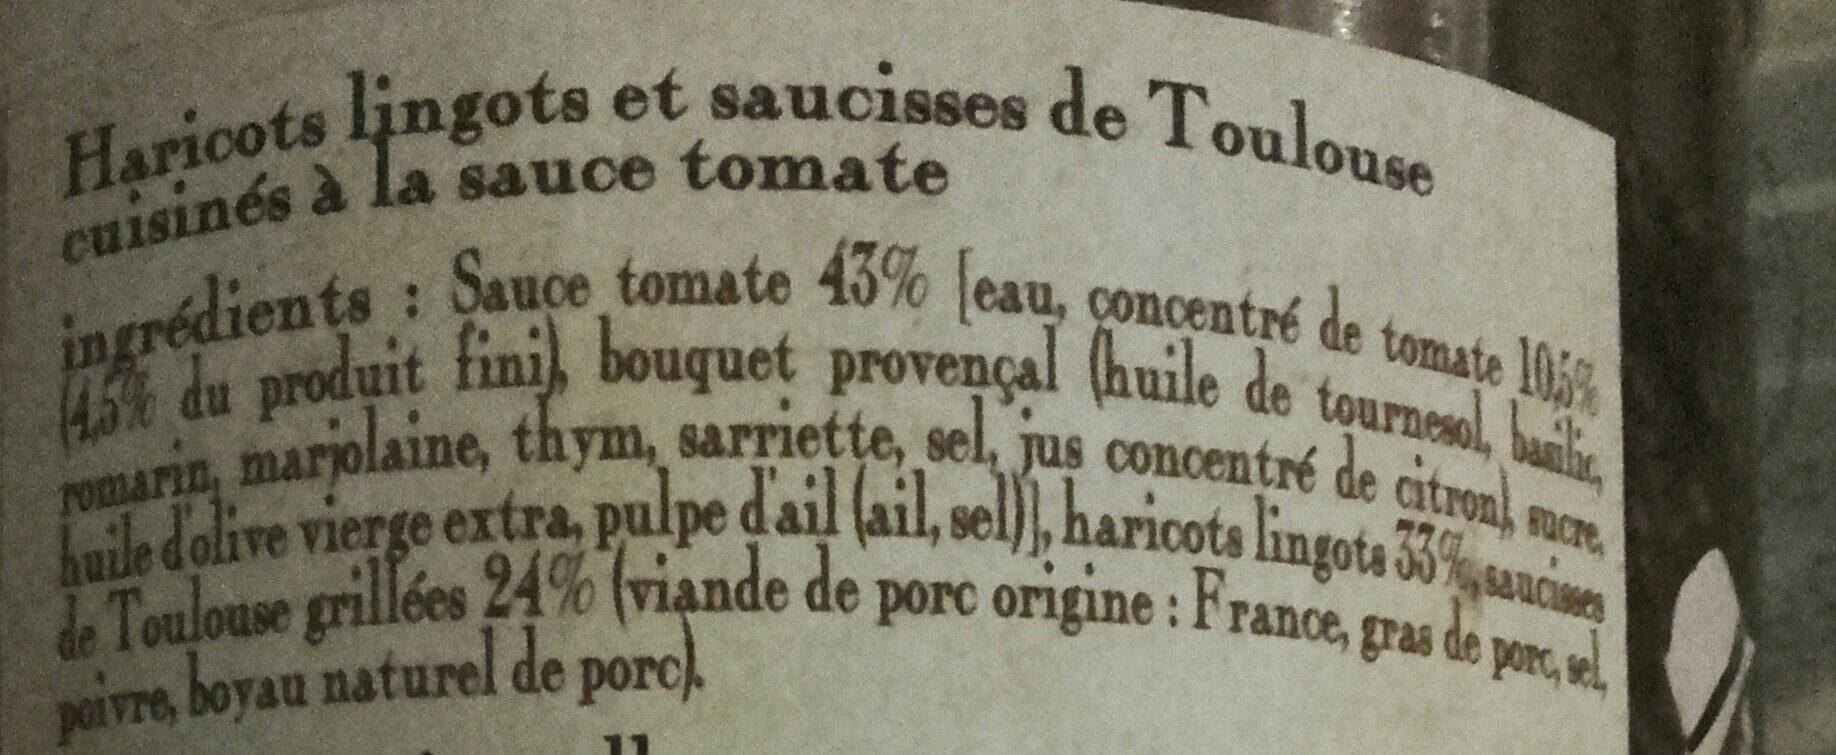 les haricots blancs et saucisses de Toulouse cuisinés à la sauce tomate, boîte 4/4 - Ingredients